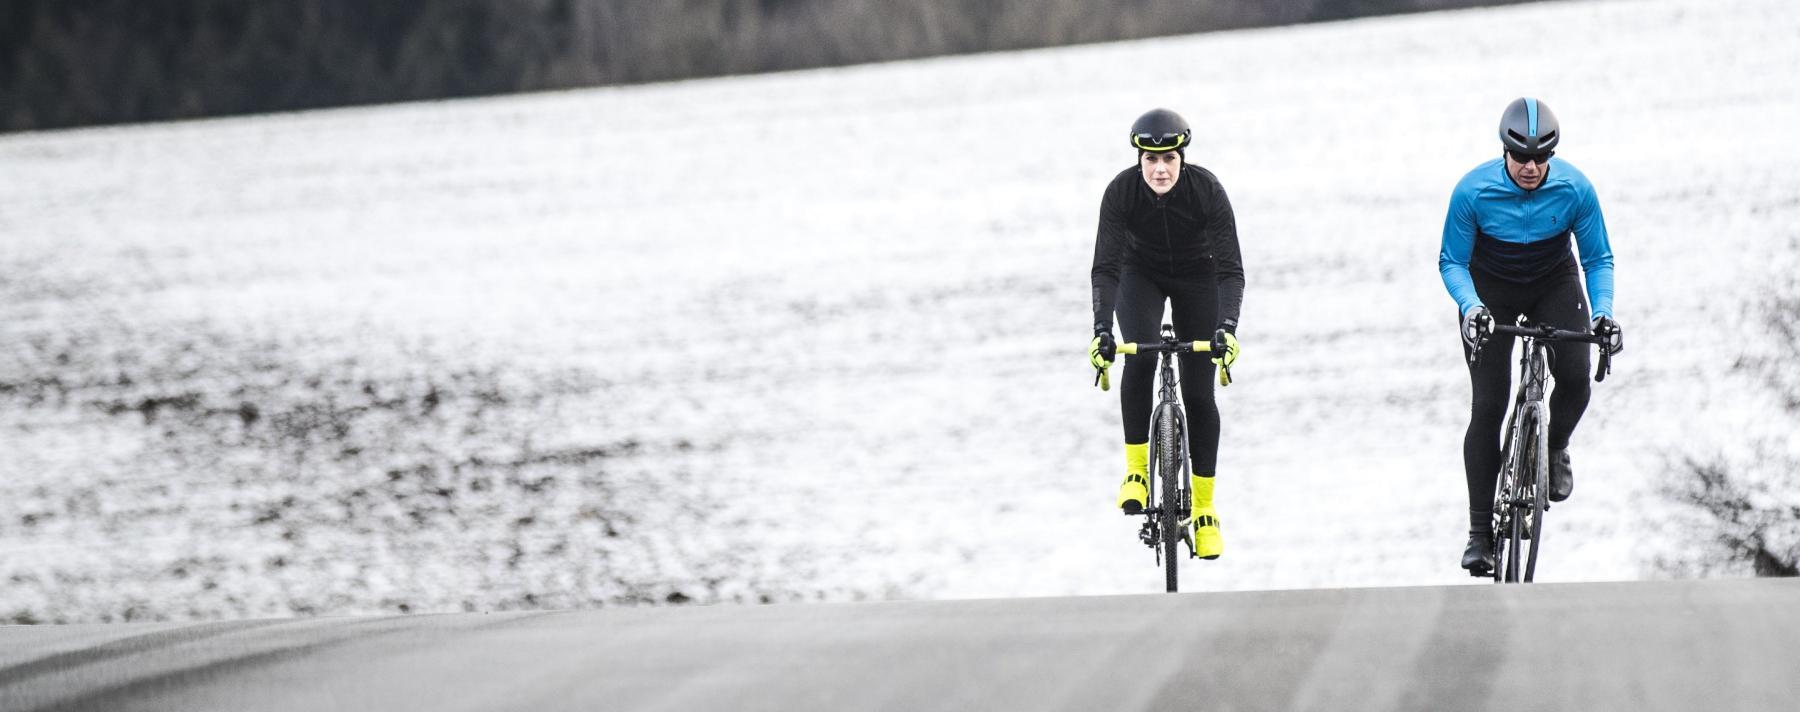 Welke fietskleding bij welke temperatuur